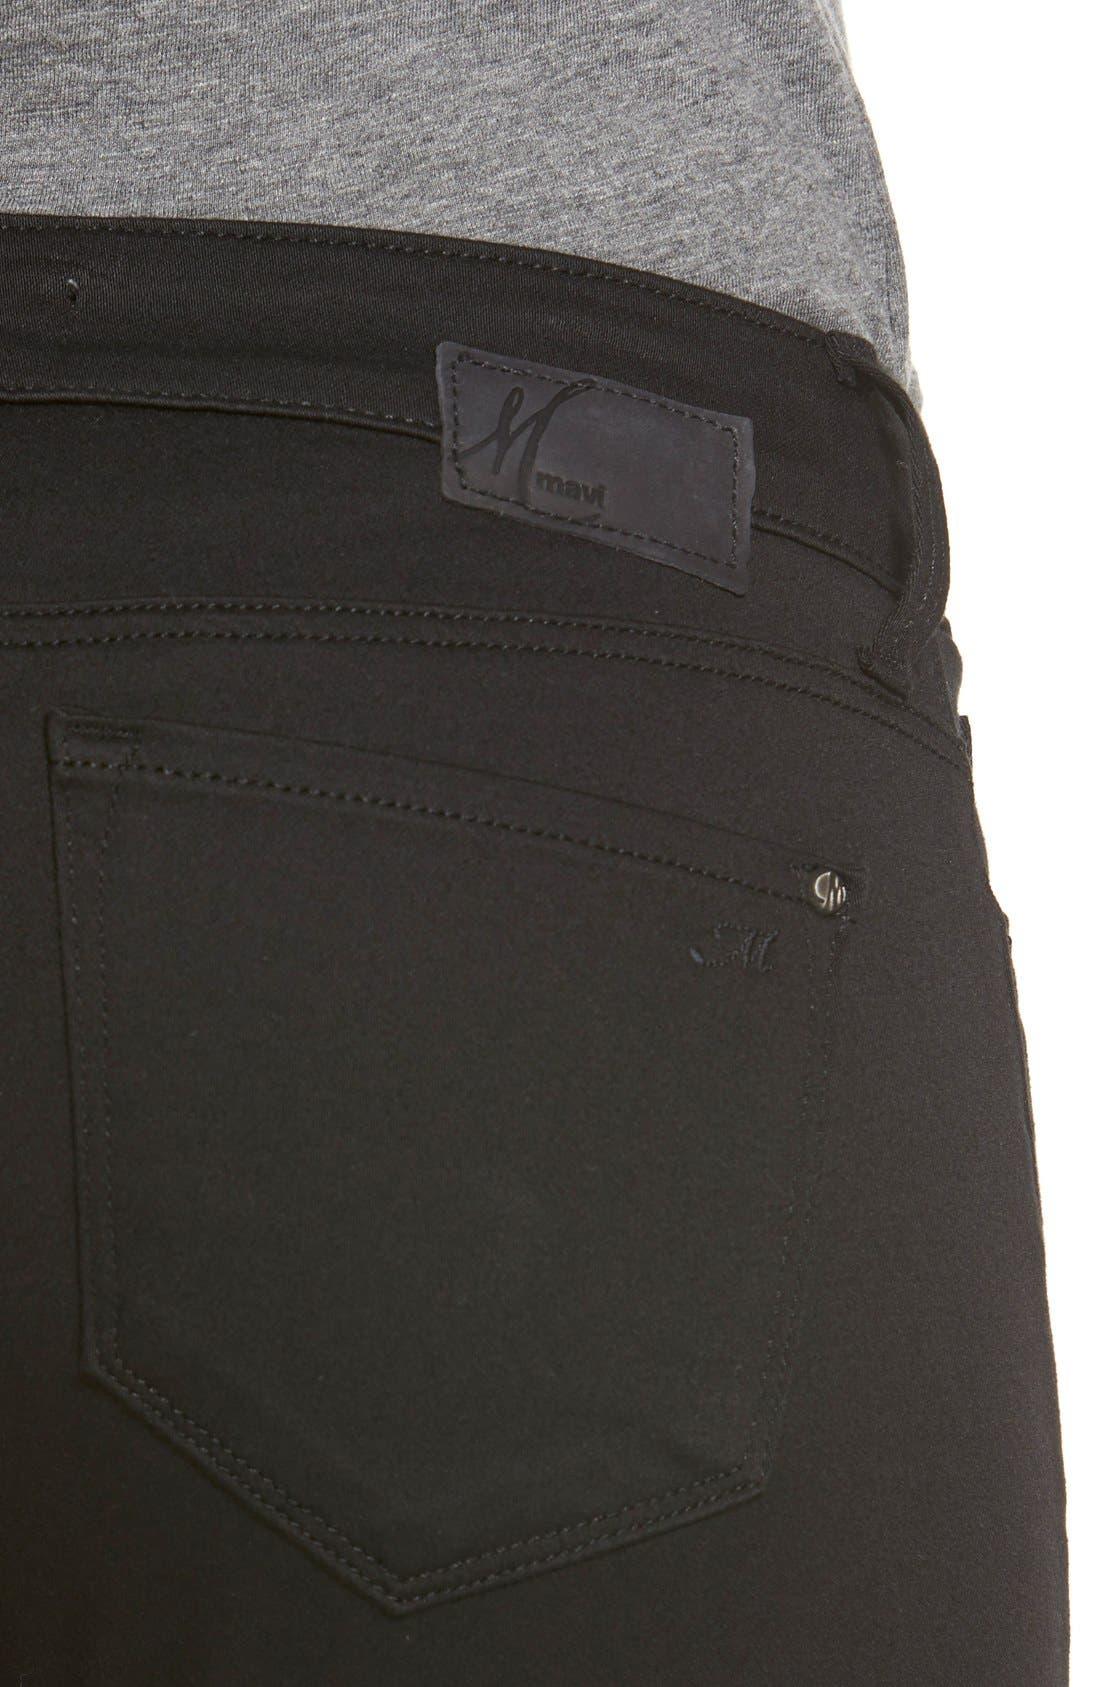 'Alexa' Mid Rise Skinny Jeans,                             Alternate thumbnail 4, color,                             Jet Black